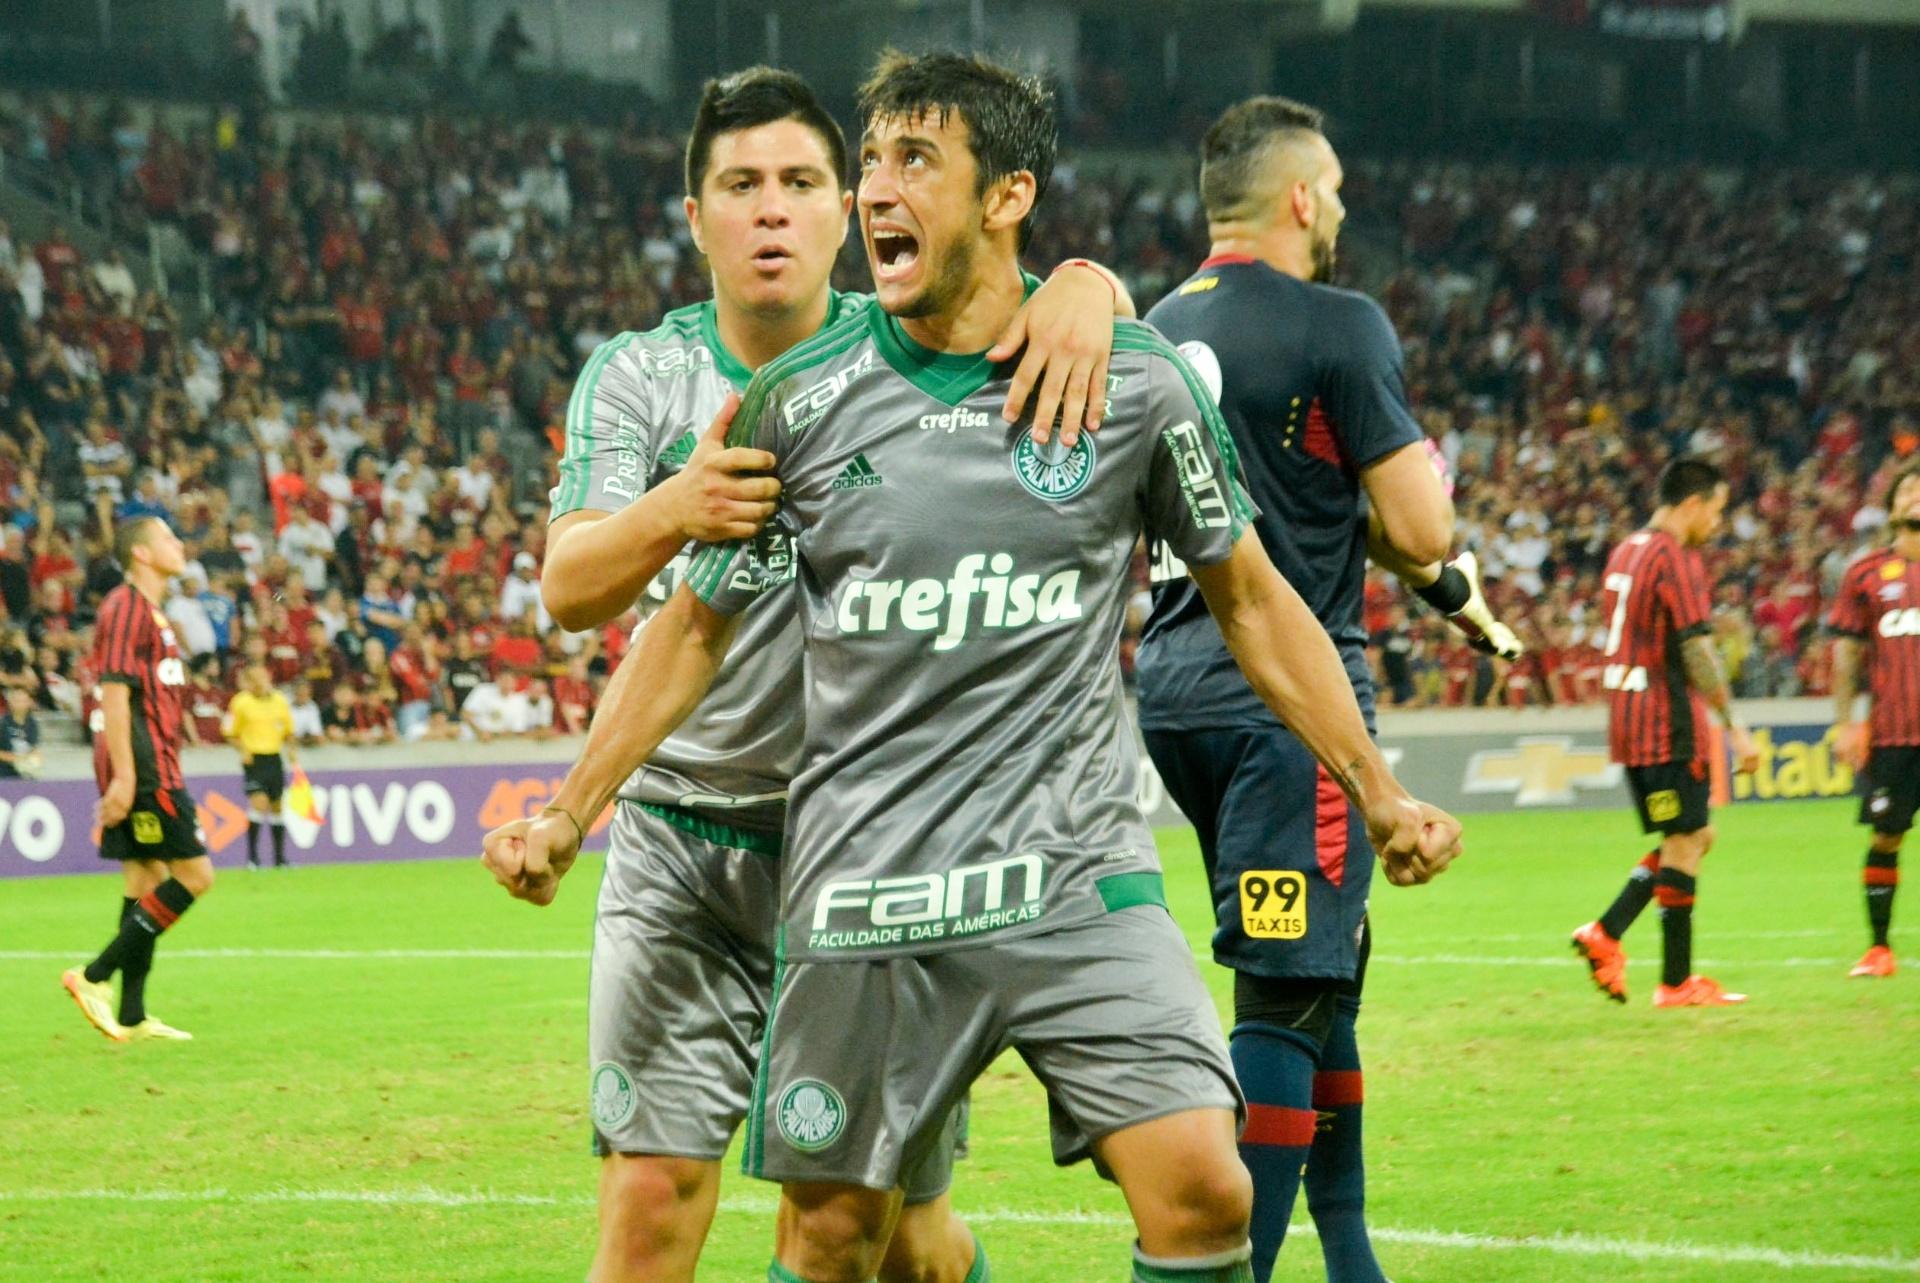 Palmeiras empata com Atlético-PR no último lance em jogo tenso e polêmico -  18 11 2015 - UOL Esporte 6fe74b0f45e85